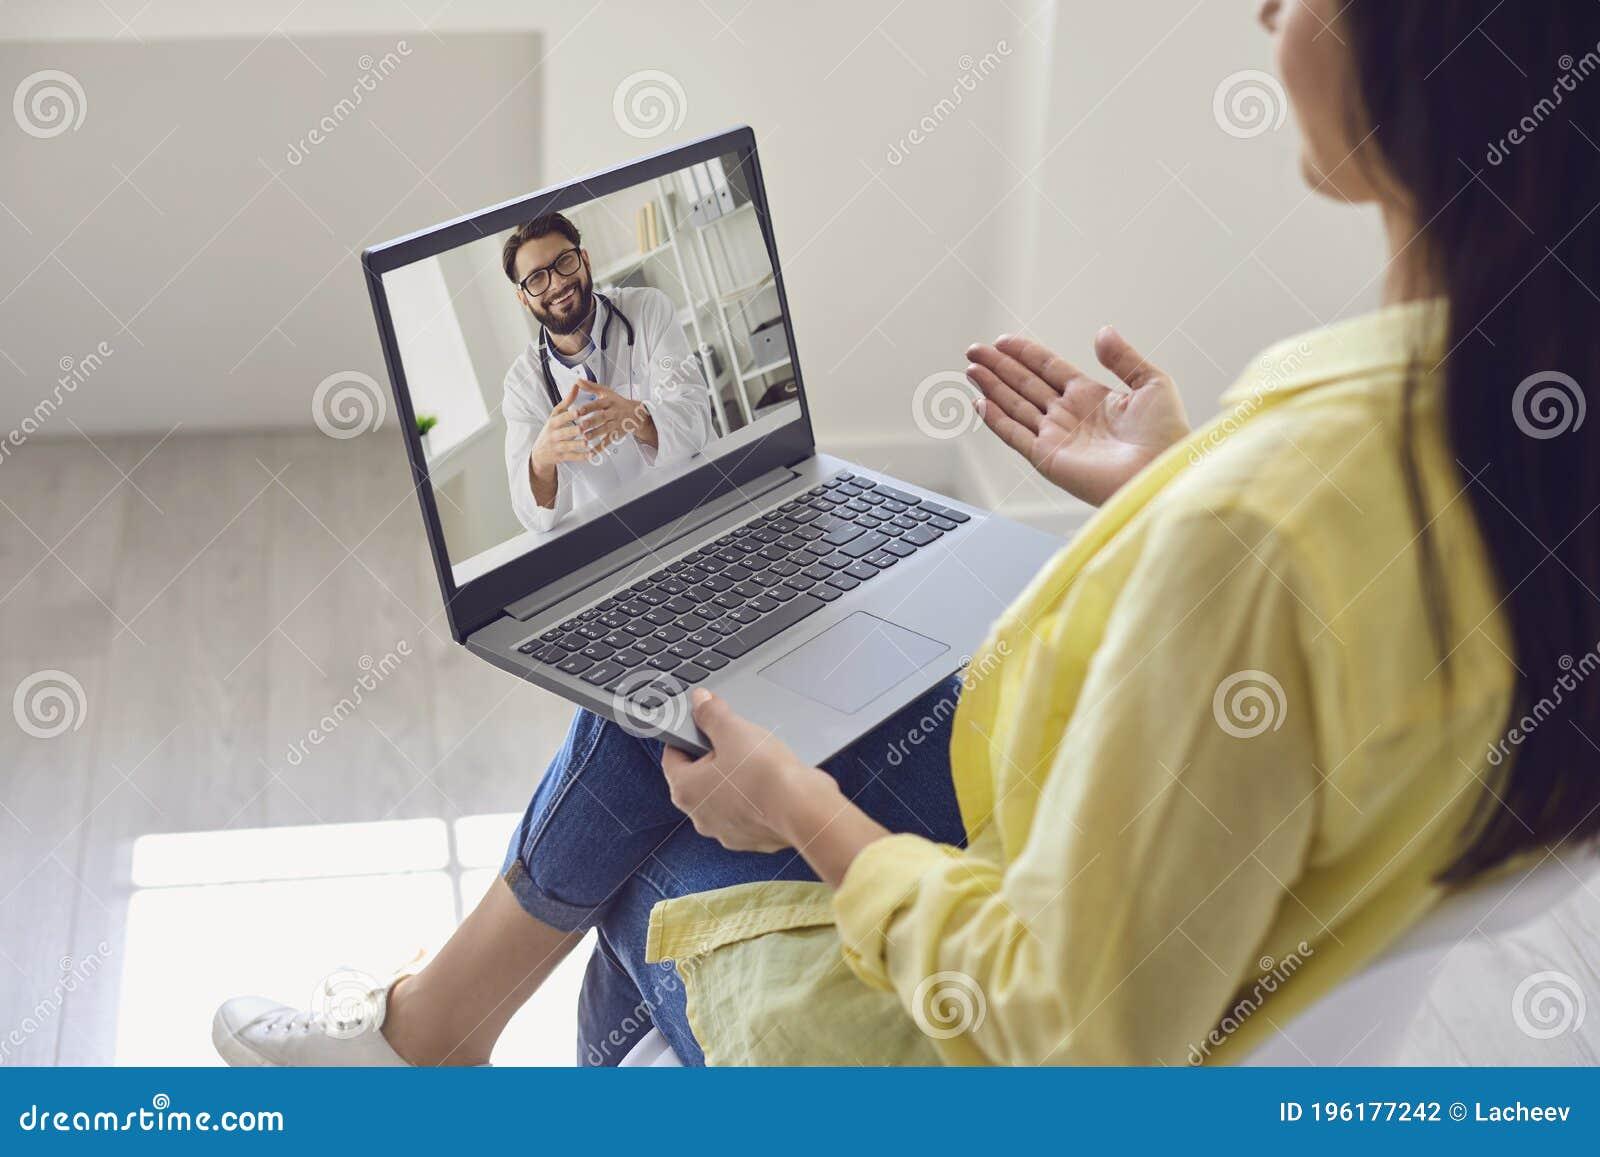 chatta med en läkare dejta mogen dam i hammarland